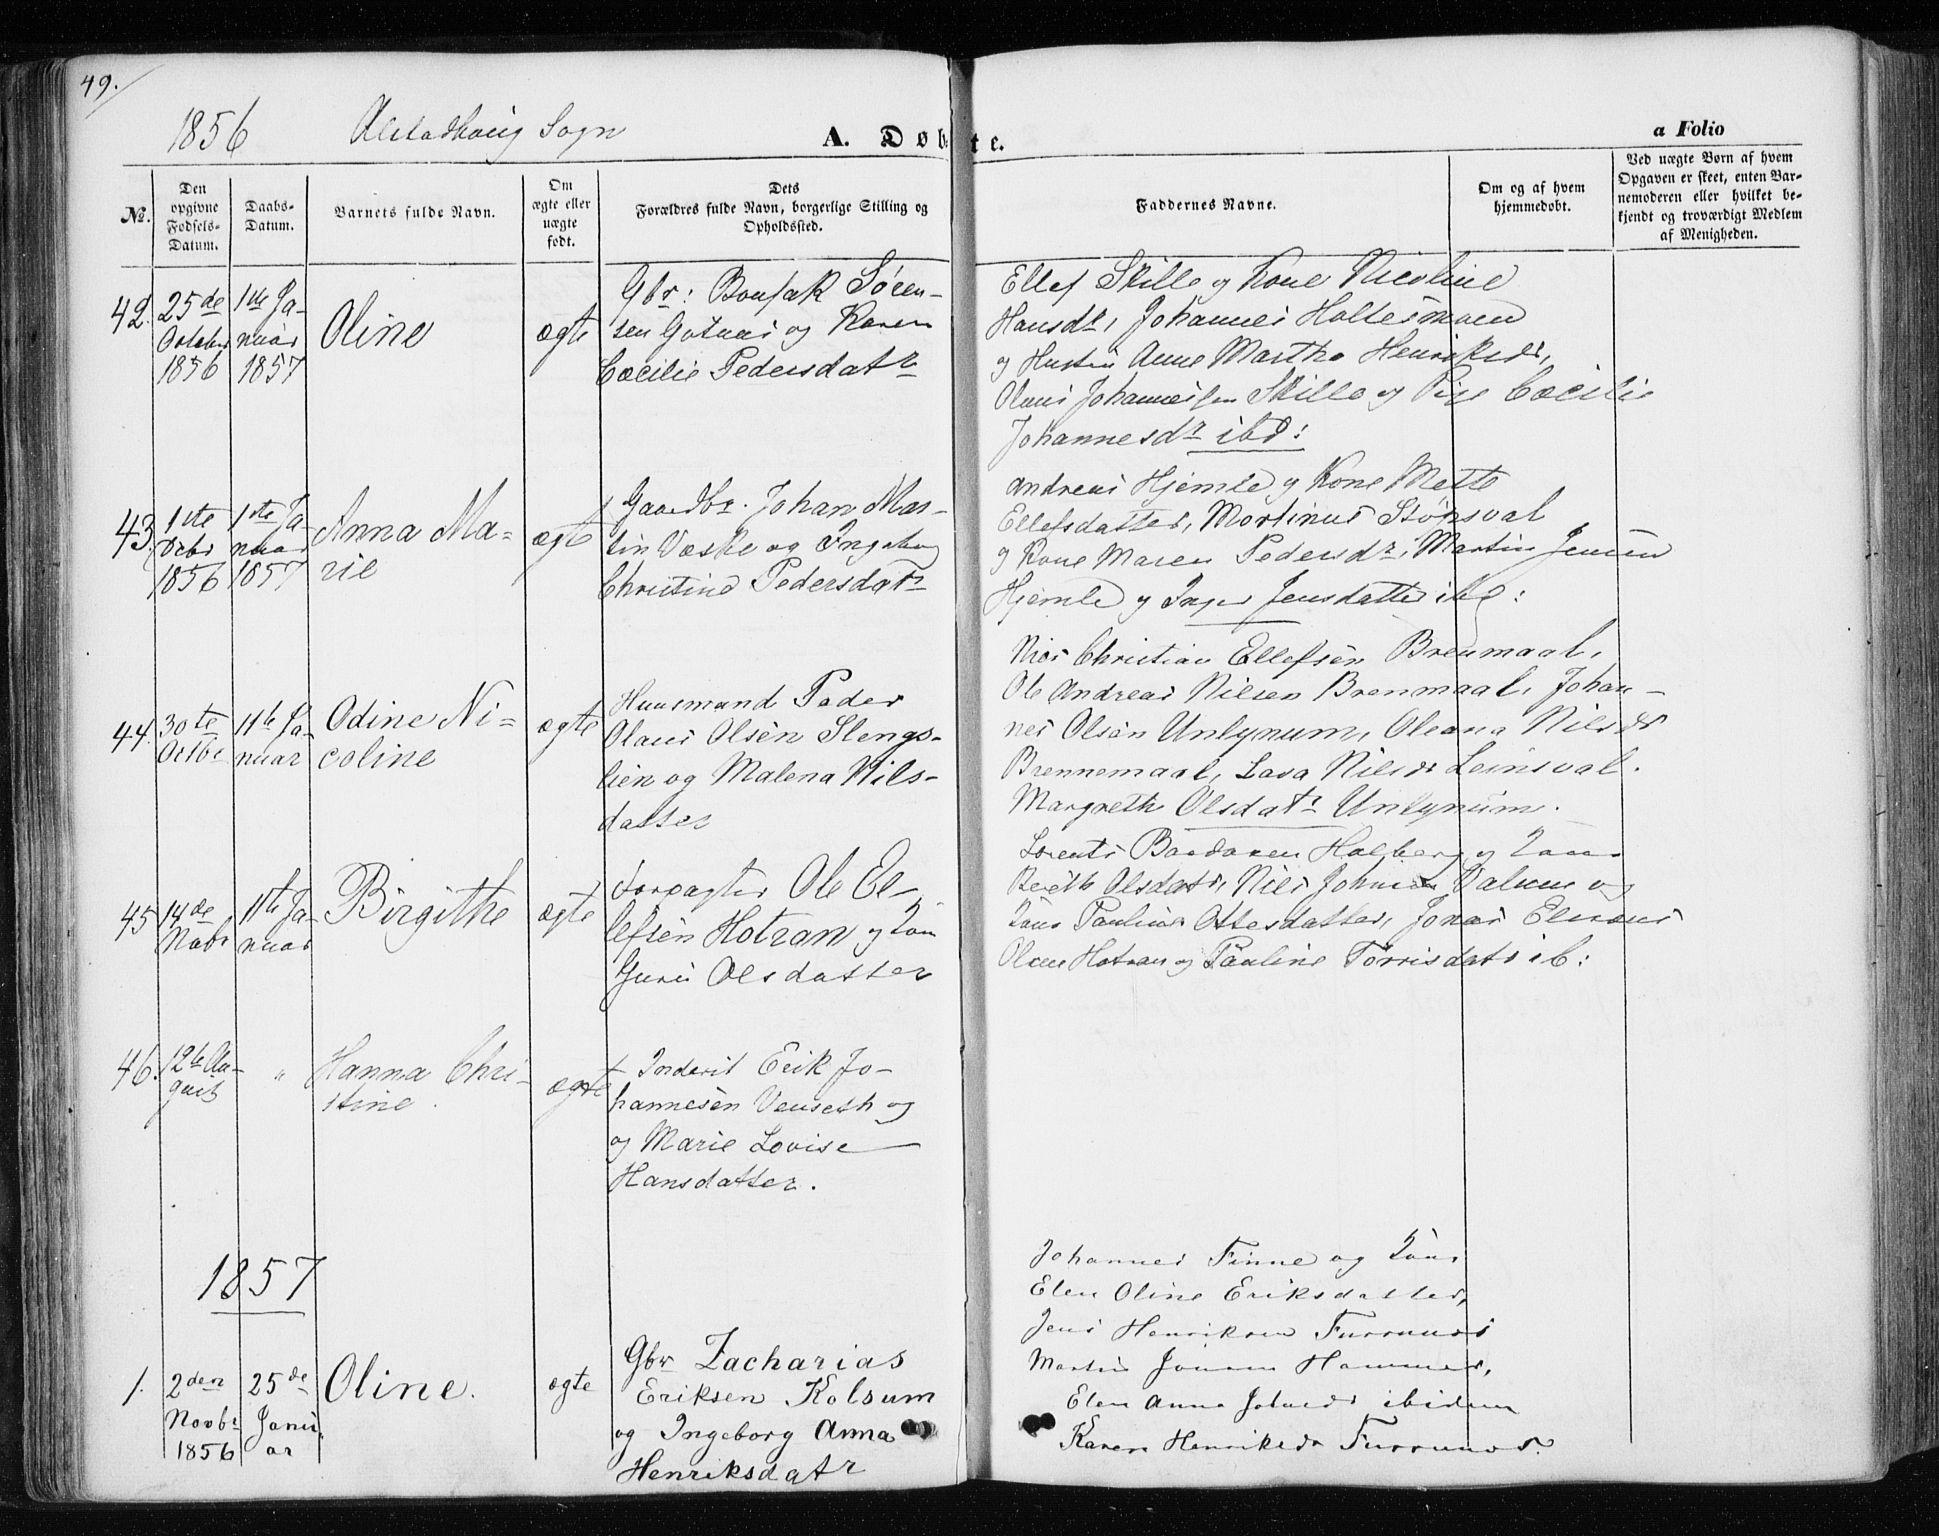 SAT, Ministerialprotokoller, klokkerbøker og fødselsregistre - Nord-Trøndelag, 717/L0154: Ministerialbok nr. 717A07 /1, 1850-1862, s. 49